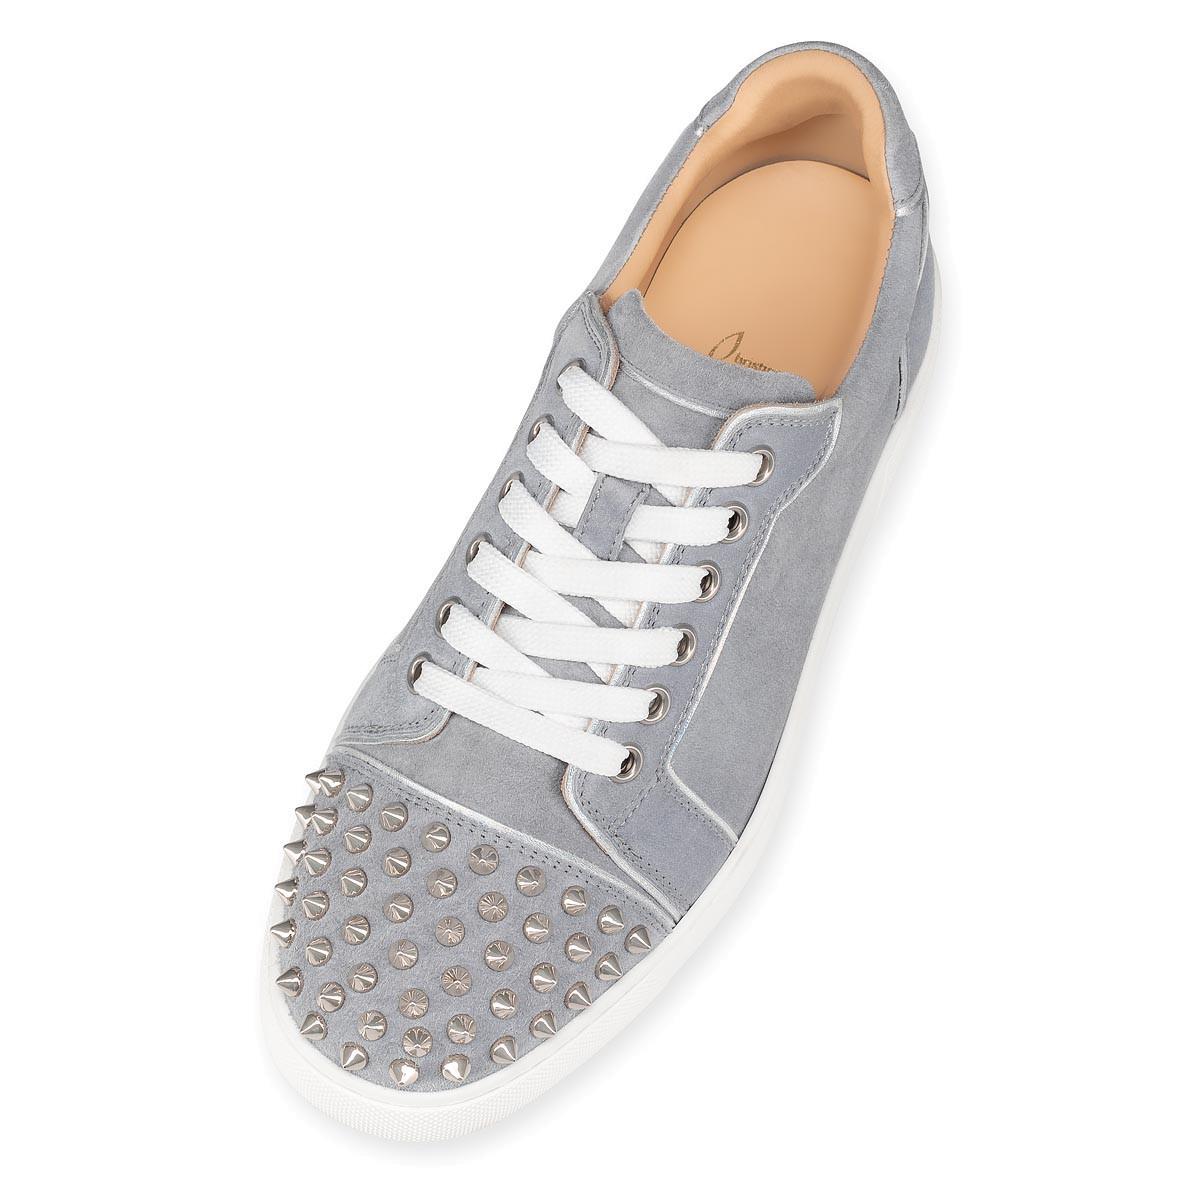 Shoes - Vieira Spikes Flat - Christian Louboutin